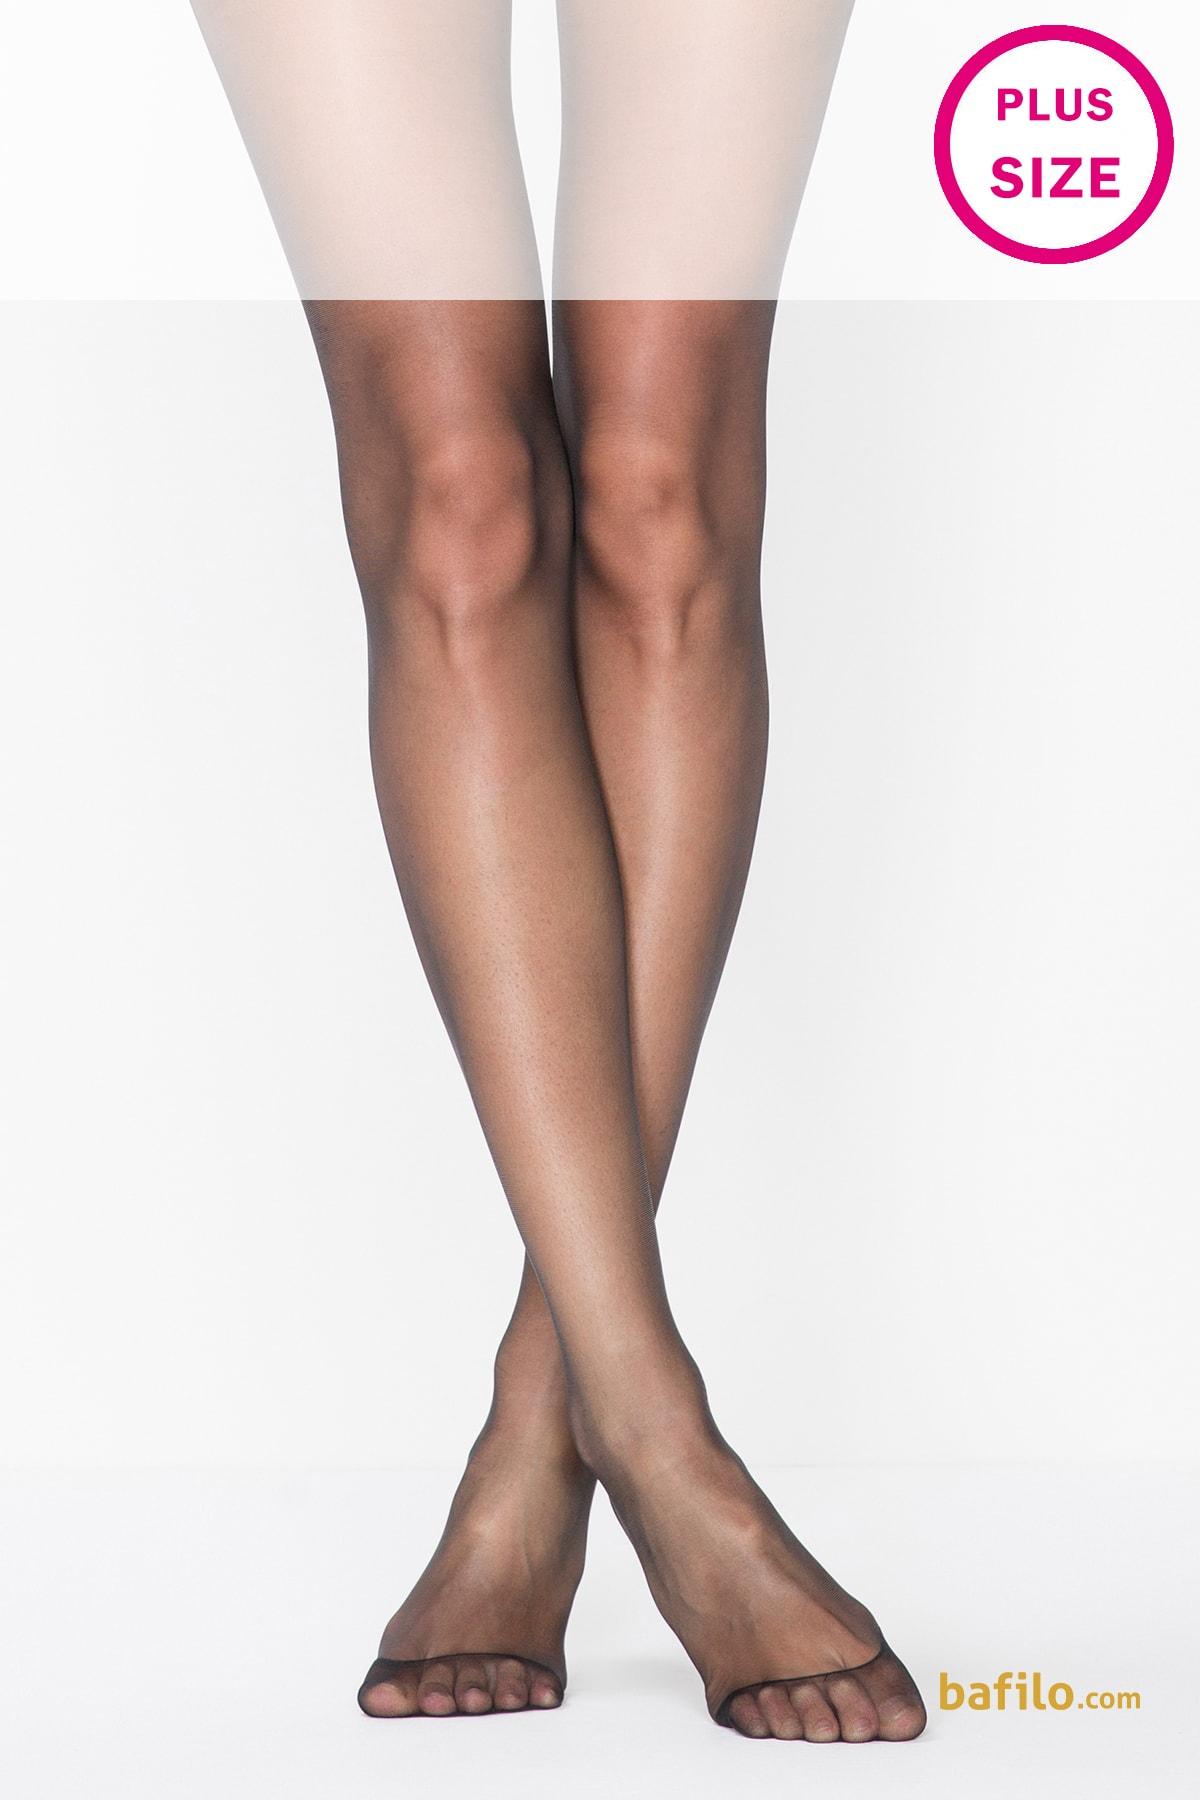 پنتی | Penti - جوراب شلواری نازک سایز بزرگ زنانه پنتی  Fit 15 مشکی